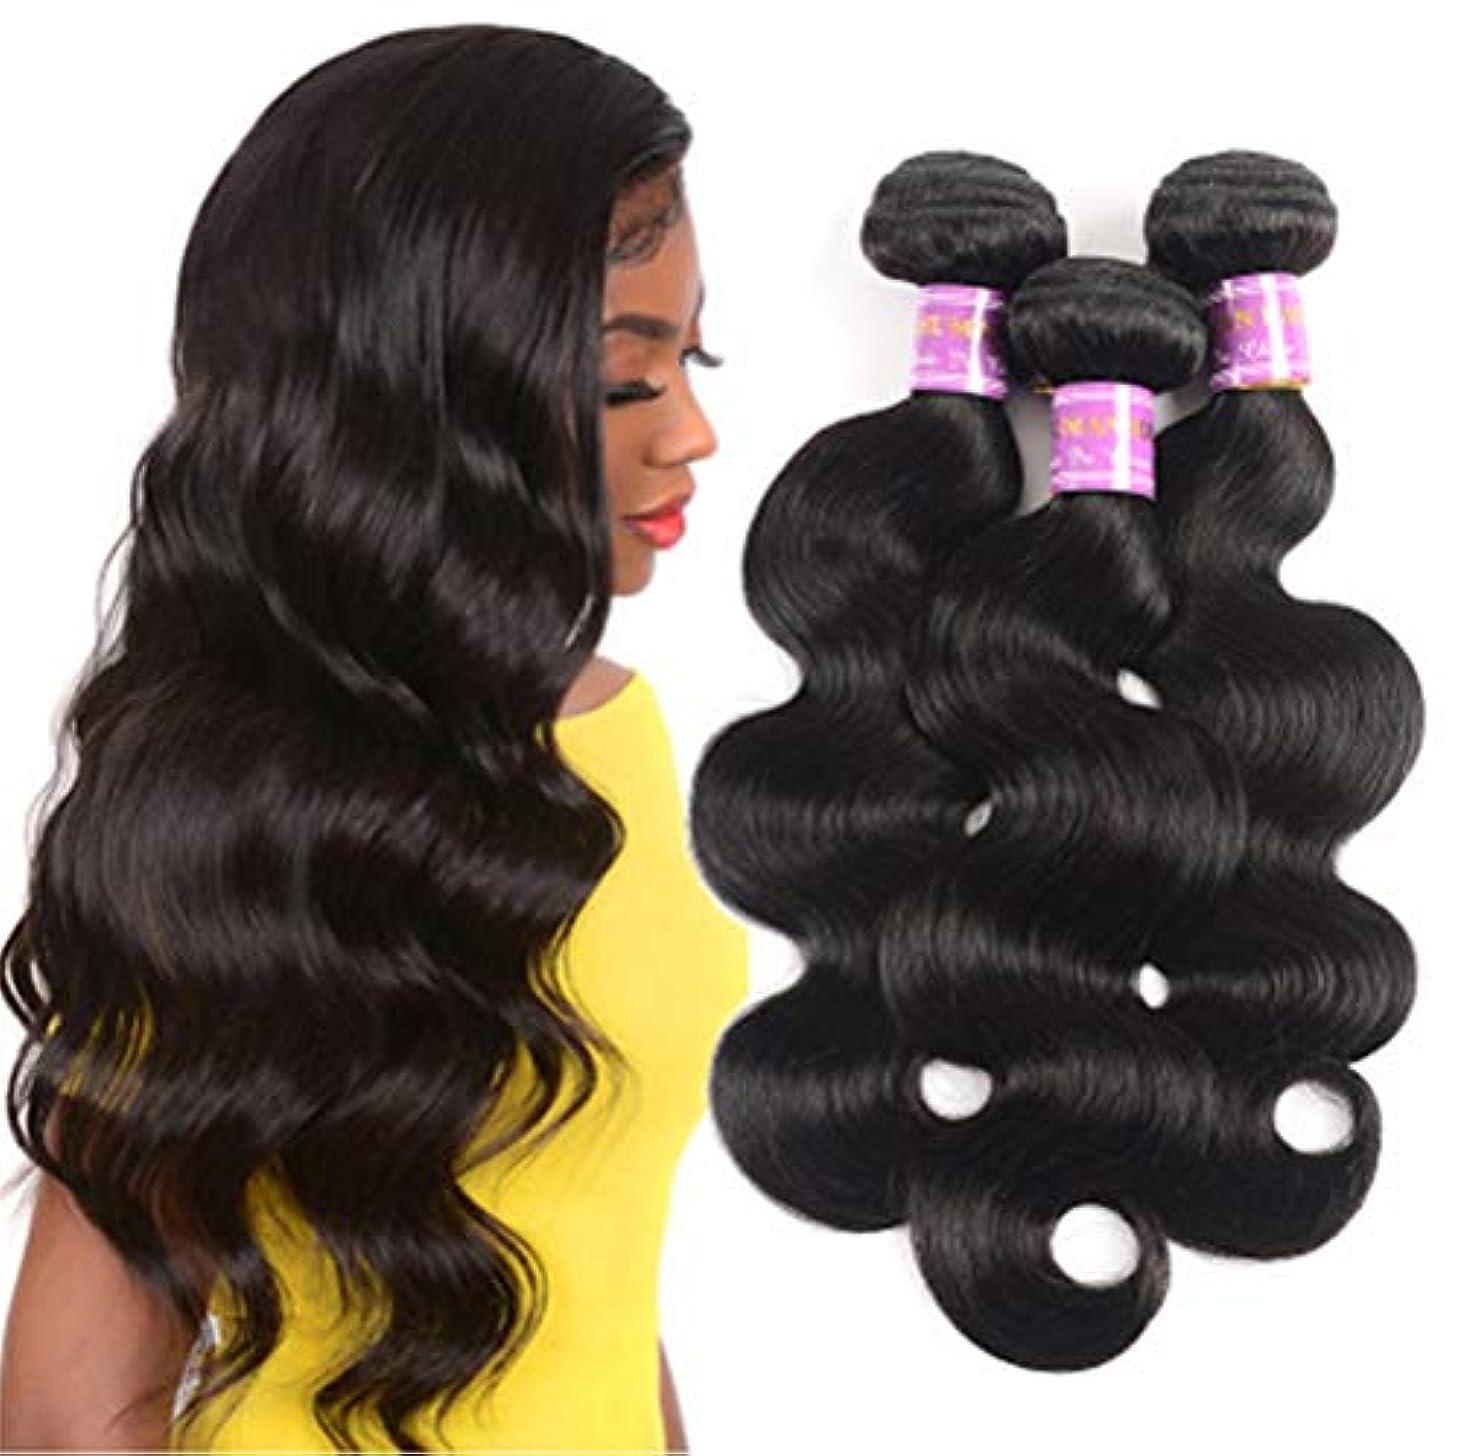 考案する真実祝う毛織りブラジル実体波バージンヘア1バンドルで閉鎖無料部分100%未処理の人間の髪の毛のremy髪